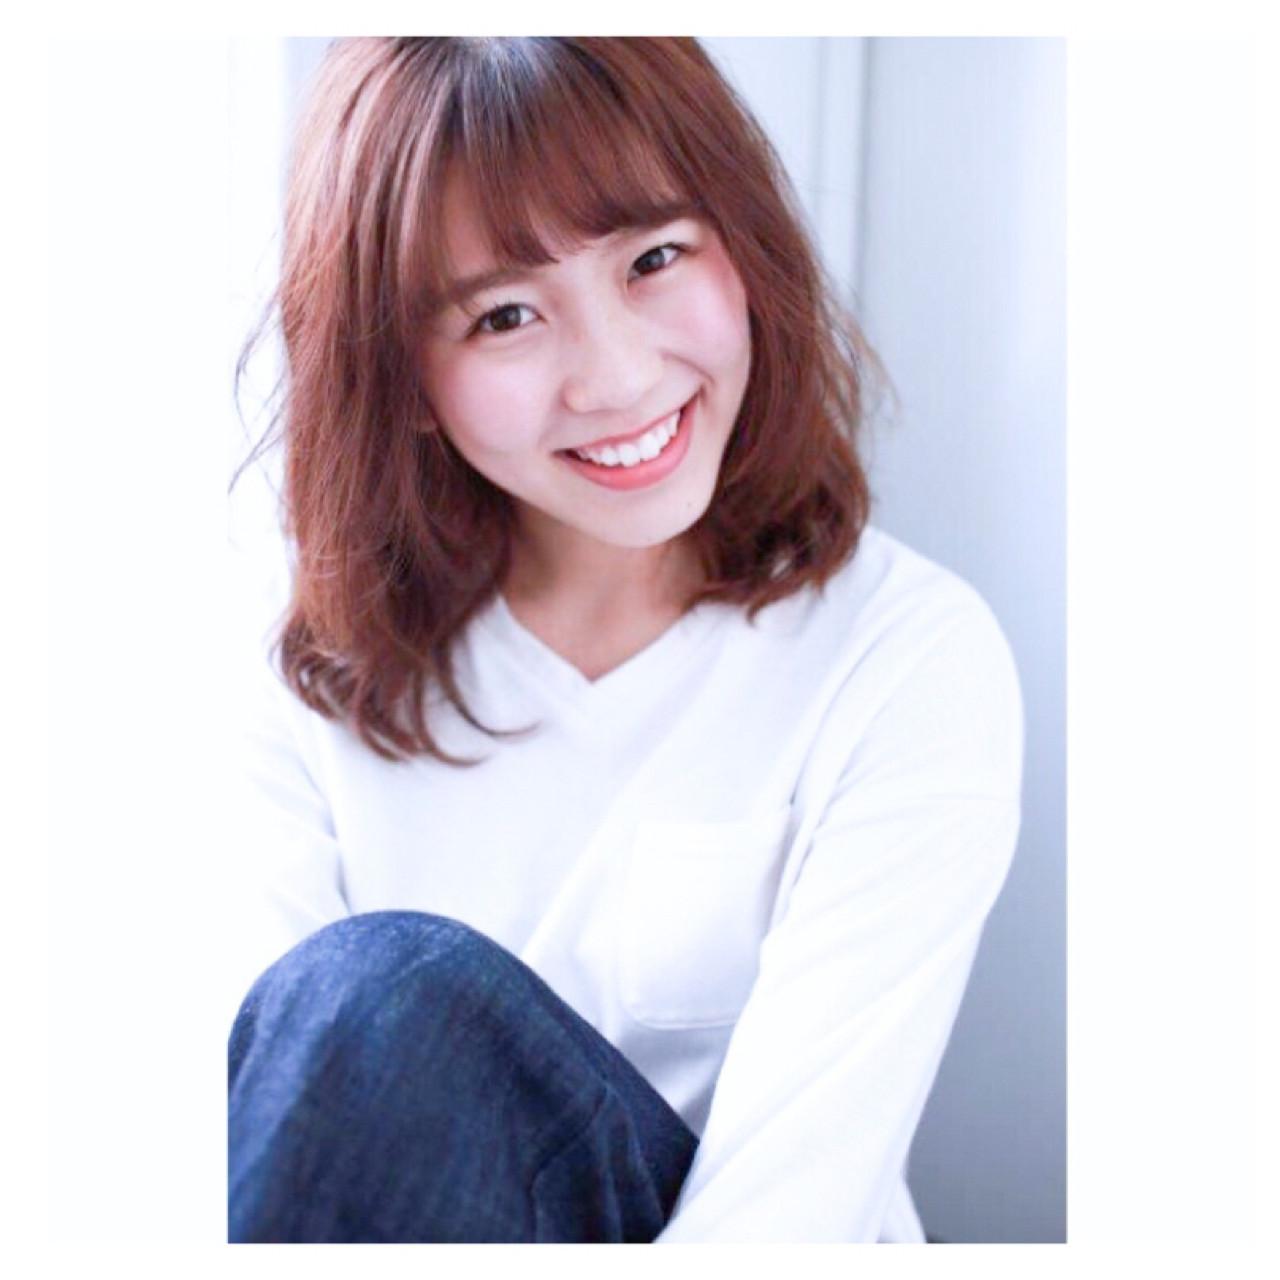 """【髪型解説】""""可愛い""""にも""""エレガント""""にもなれるレイヤーとは? Yumi Hiramatsu"""